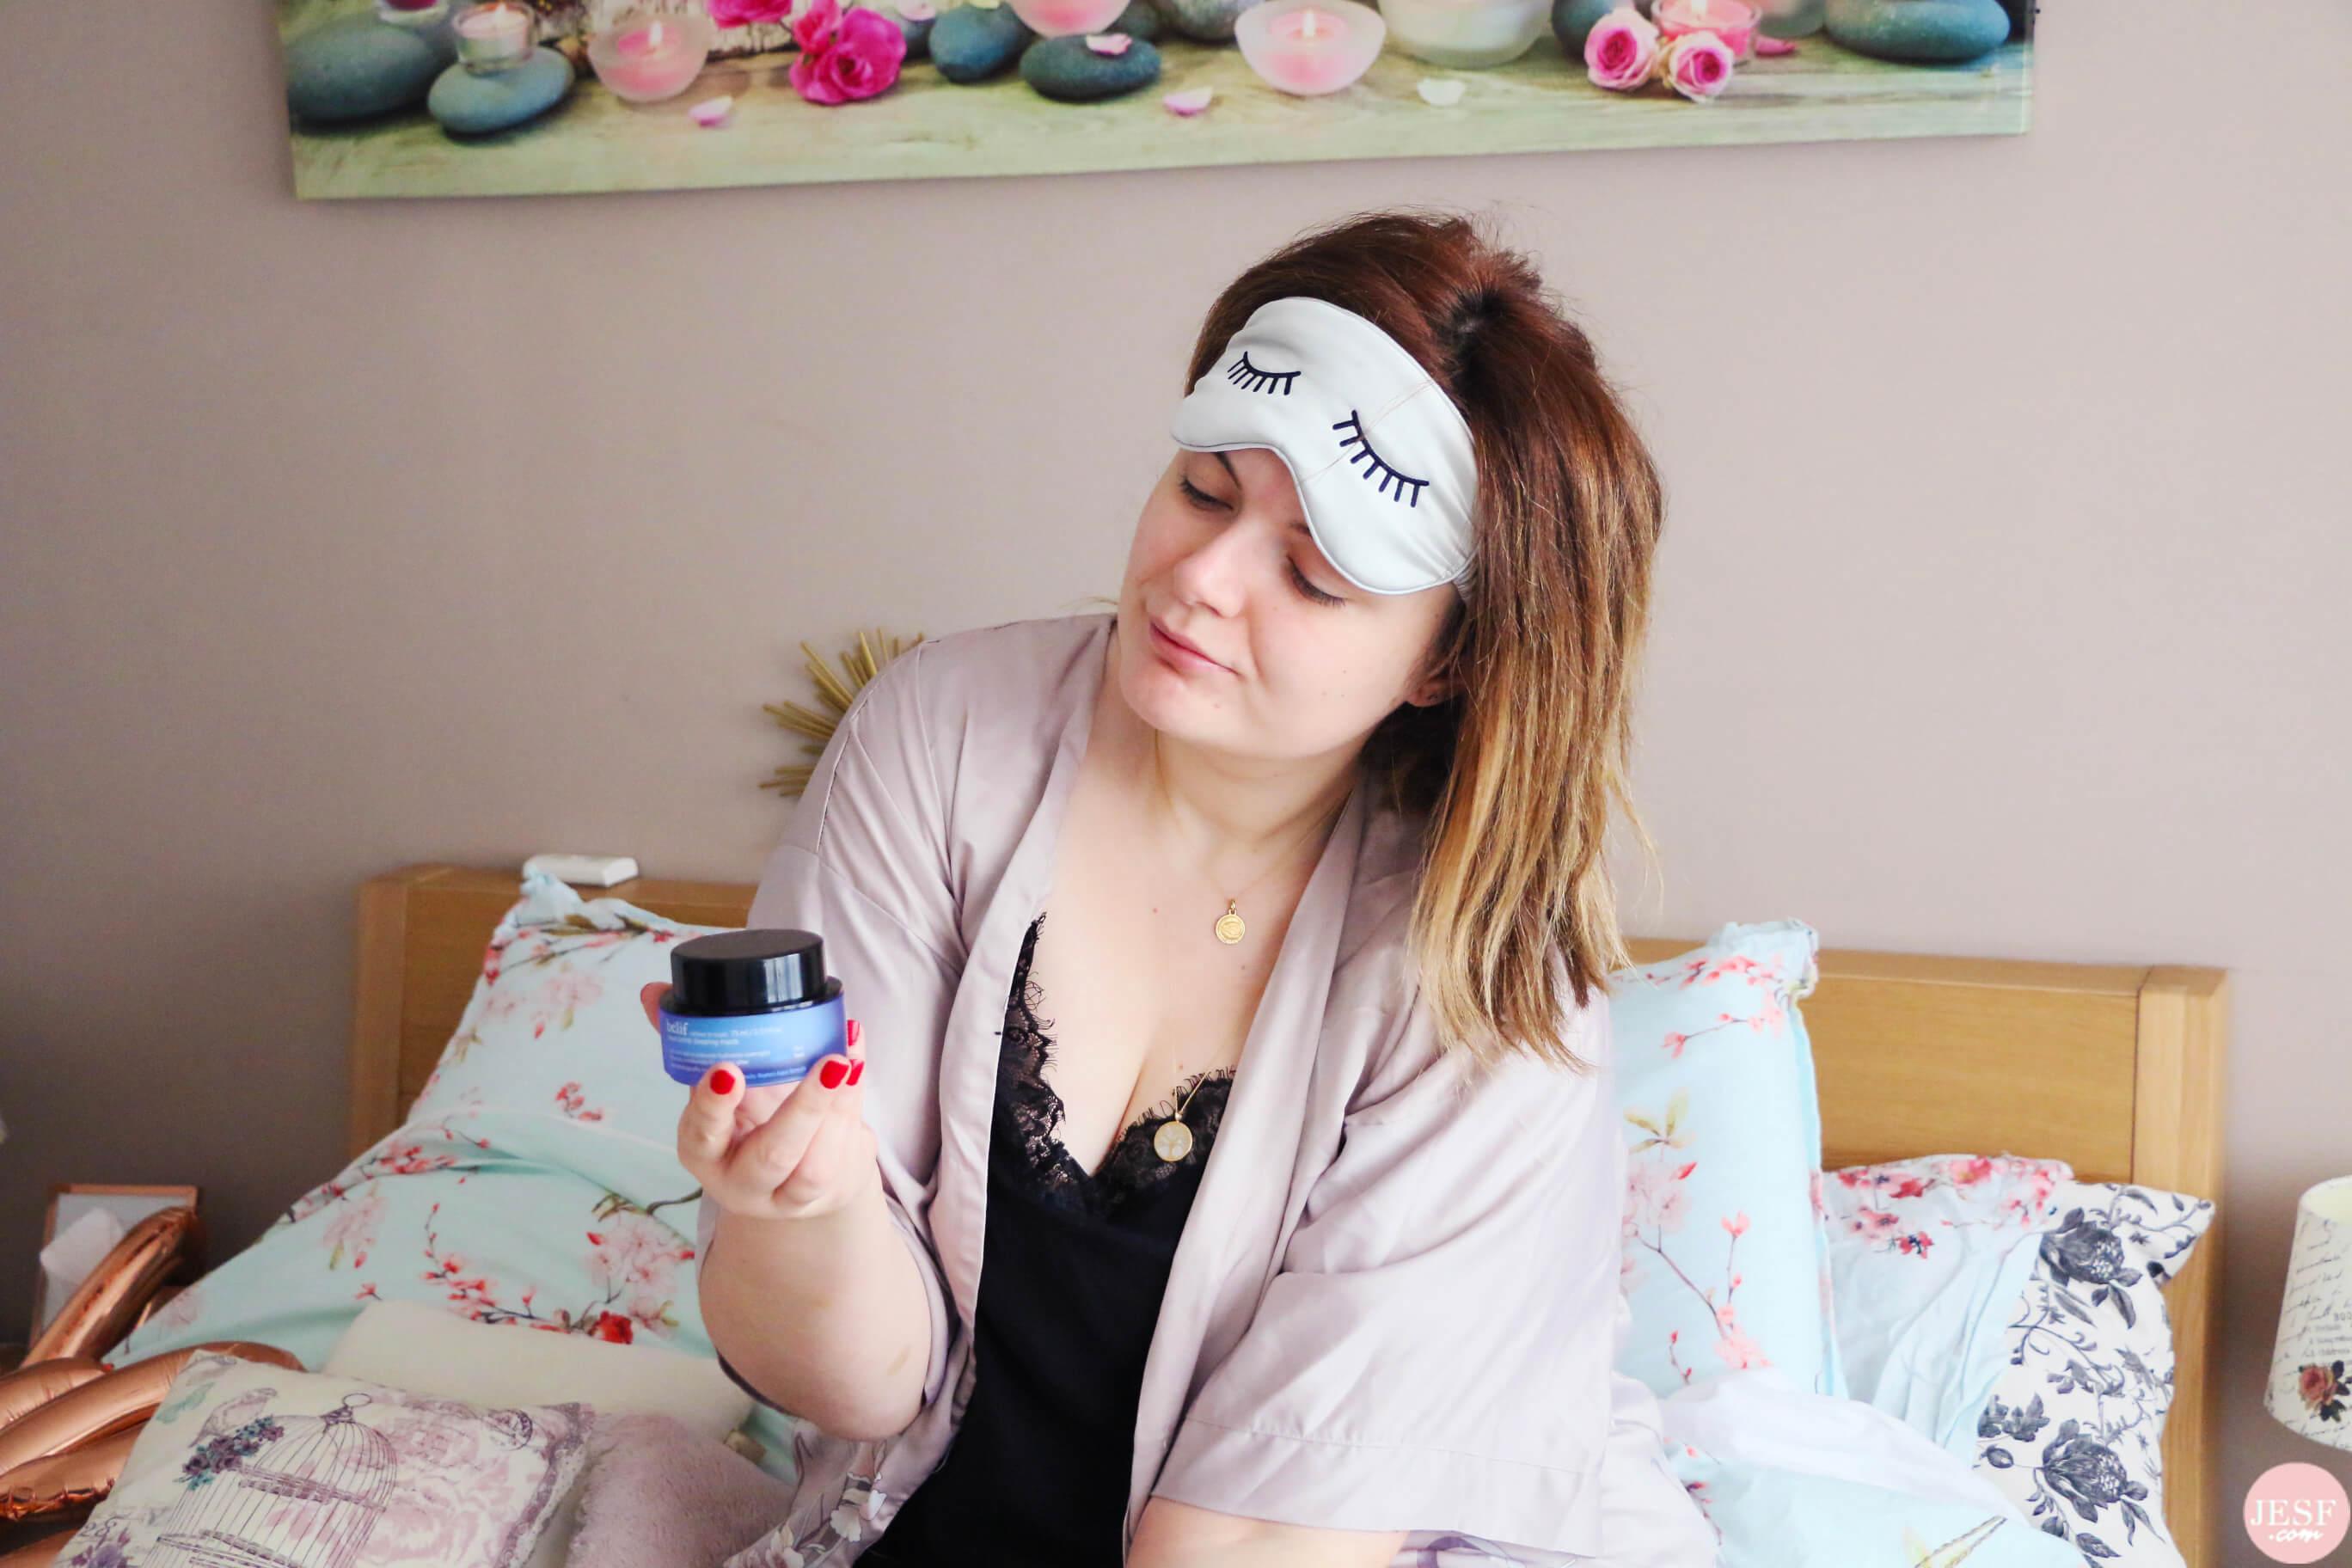 avis-masque-nuit-hydratant-belif-peau-sensible-sèche-mixte-grasse-texture-gel(3)